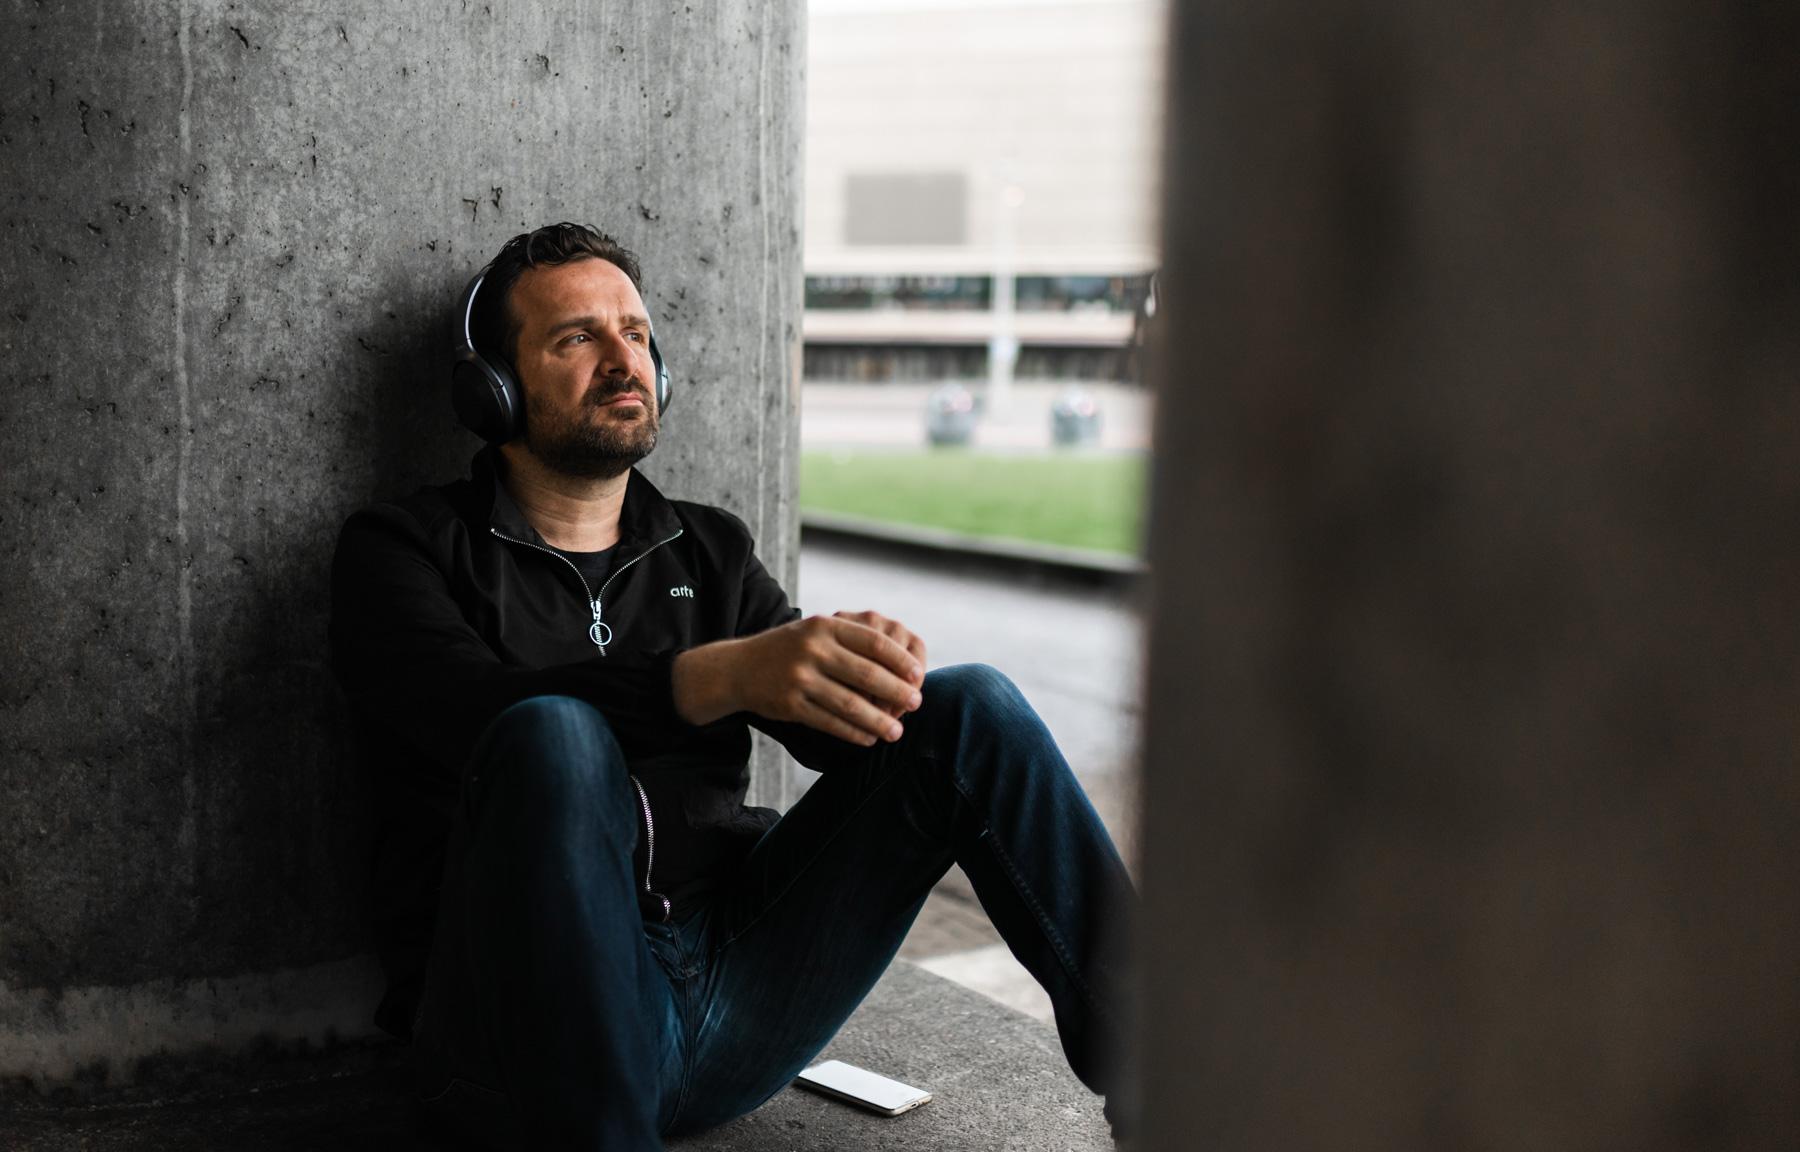 Merlijn Hoek zit met rug tegen de muur en luistert muziek via headset